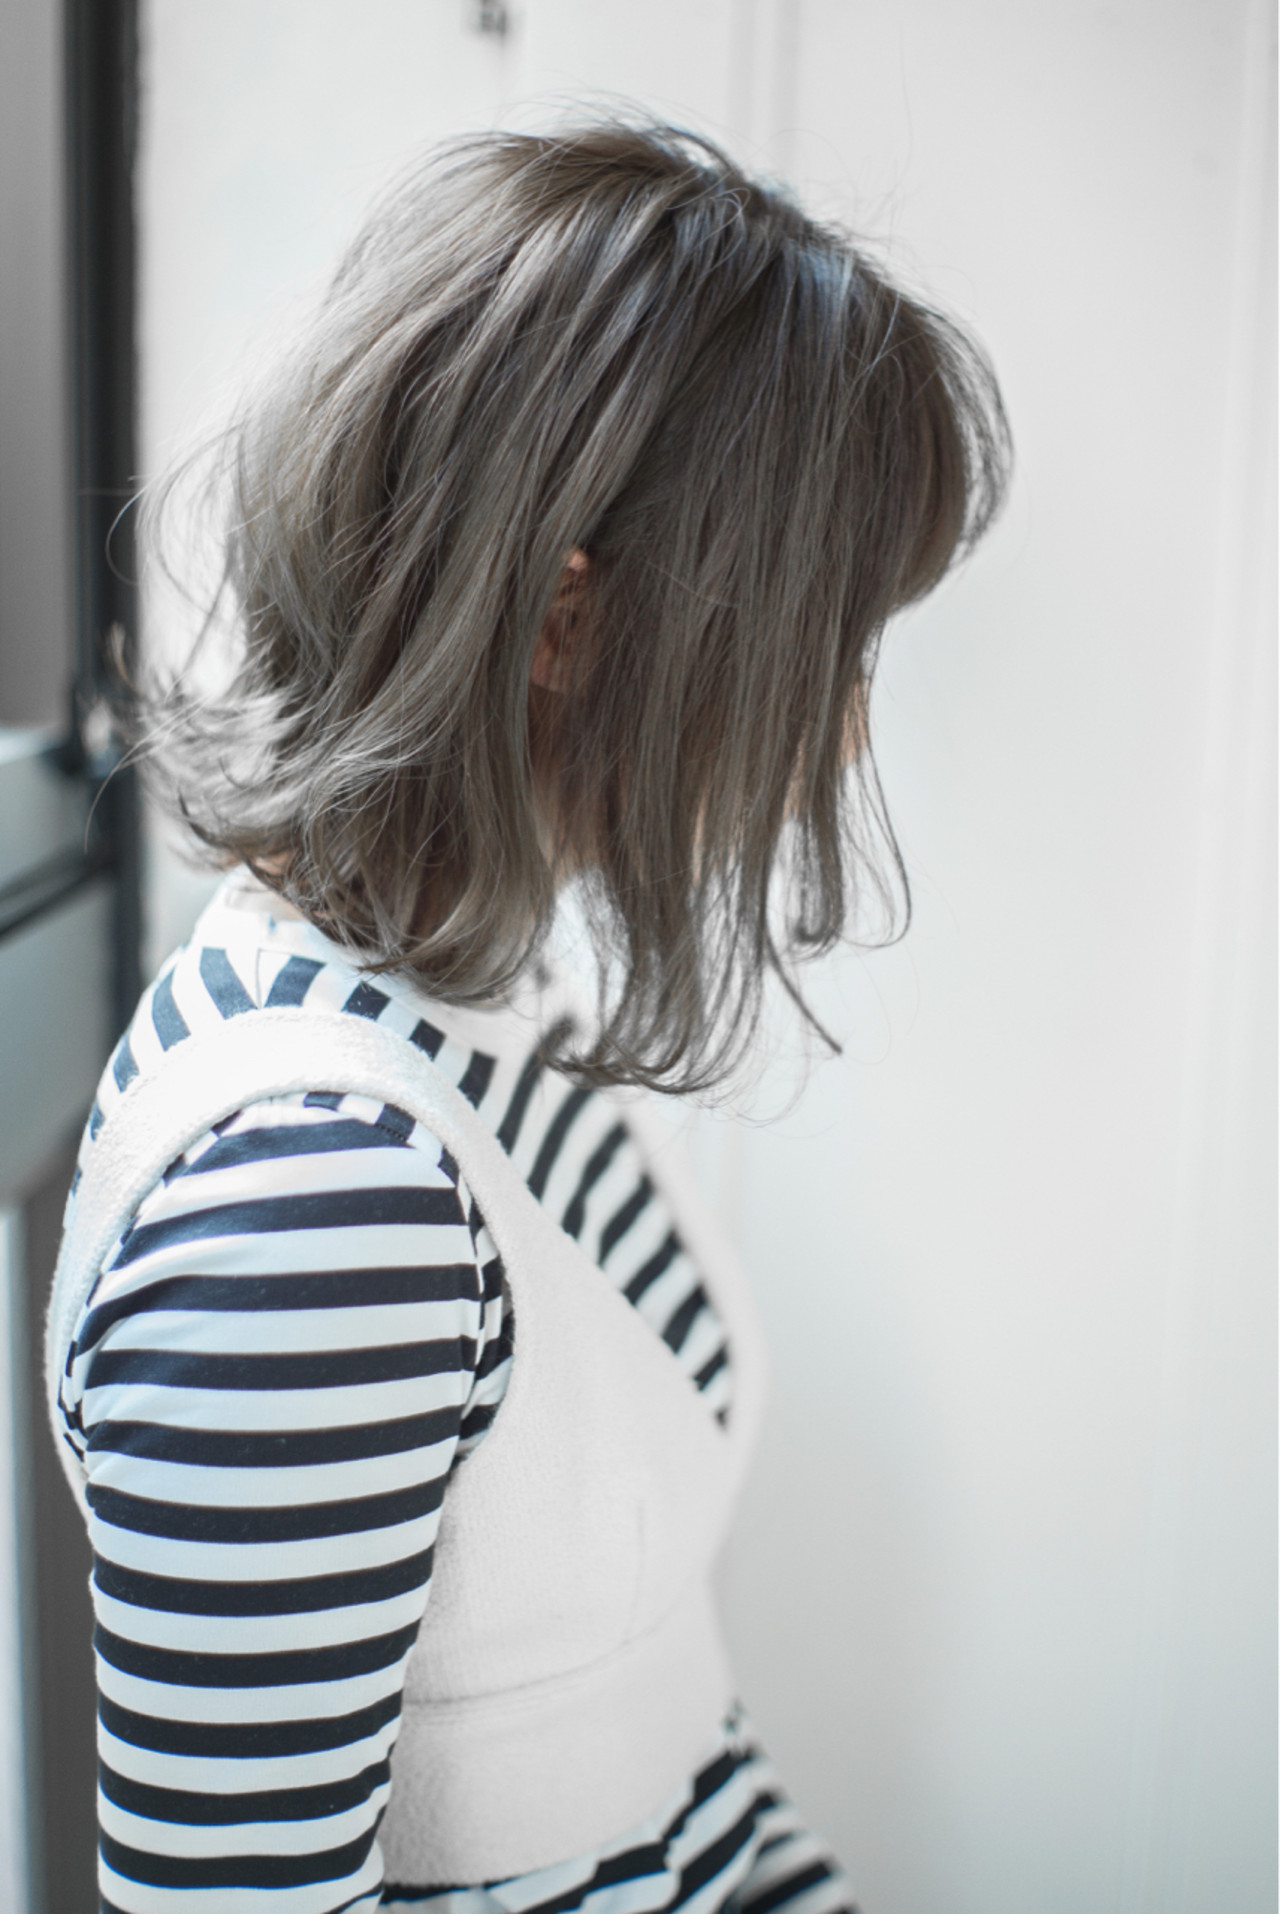 ボブ ニュアンス 黒髪 ナチュラル ヘアスタイルや髪型の写真・画像 | 白井雄喜 / FERIA心斎橋